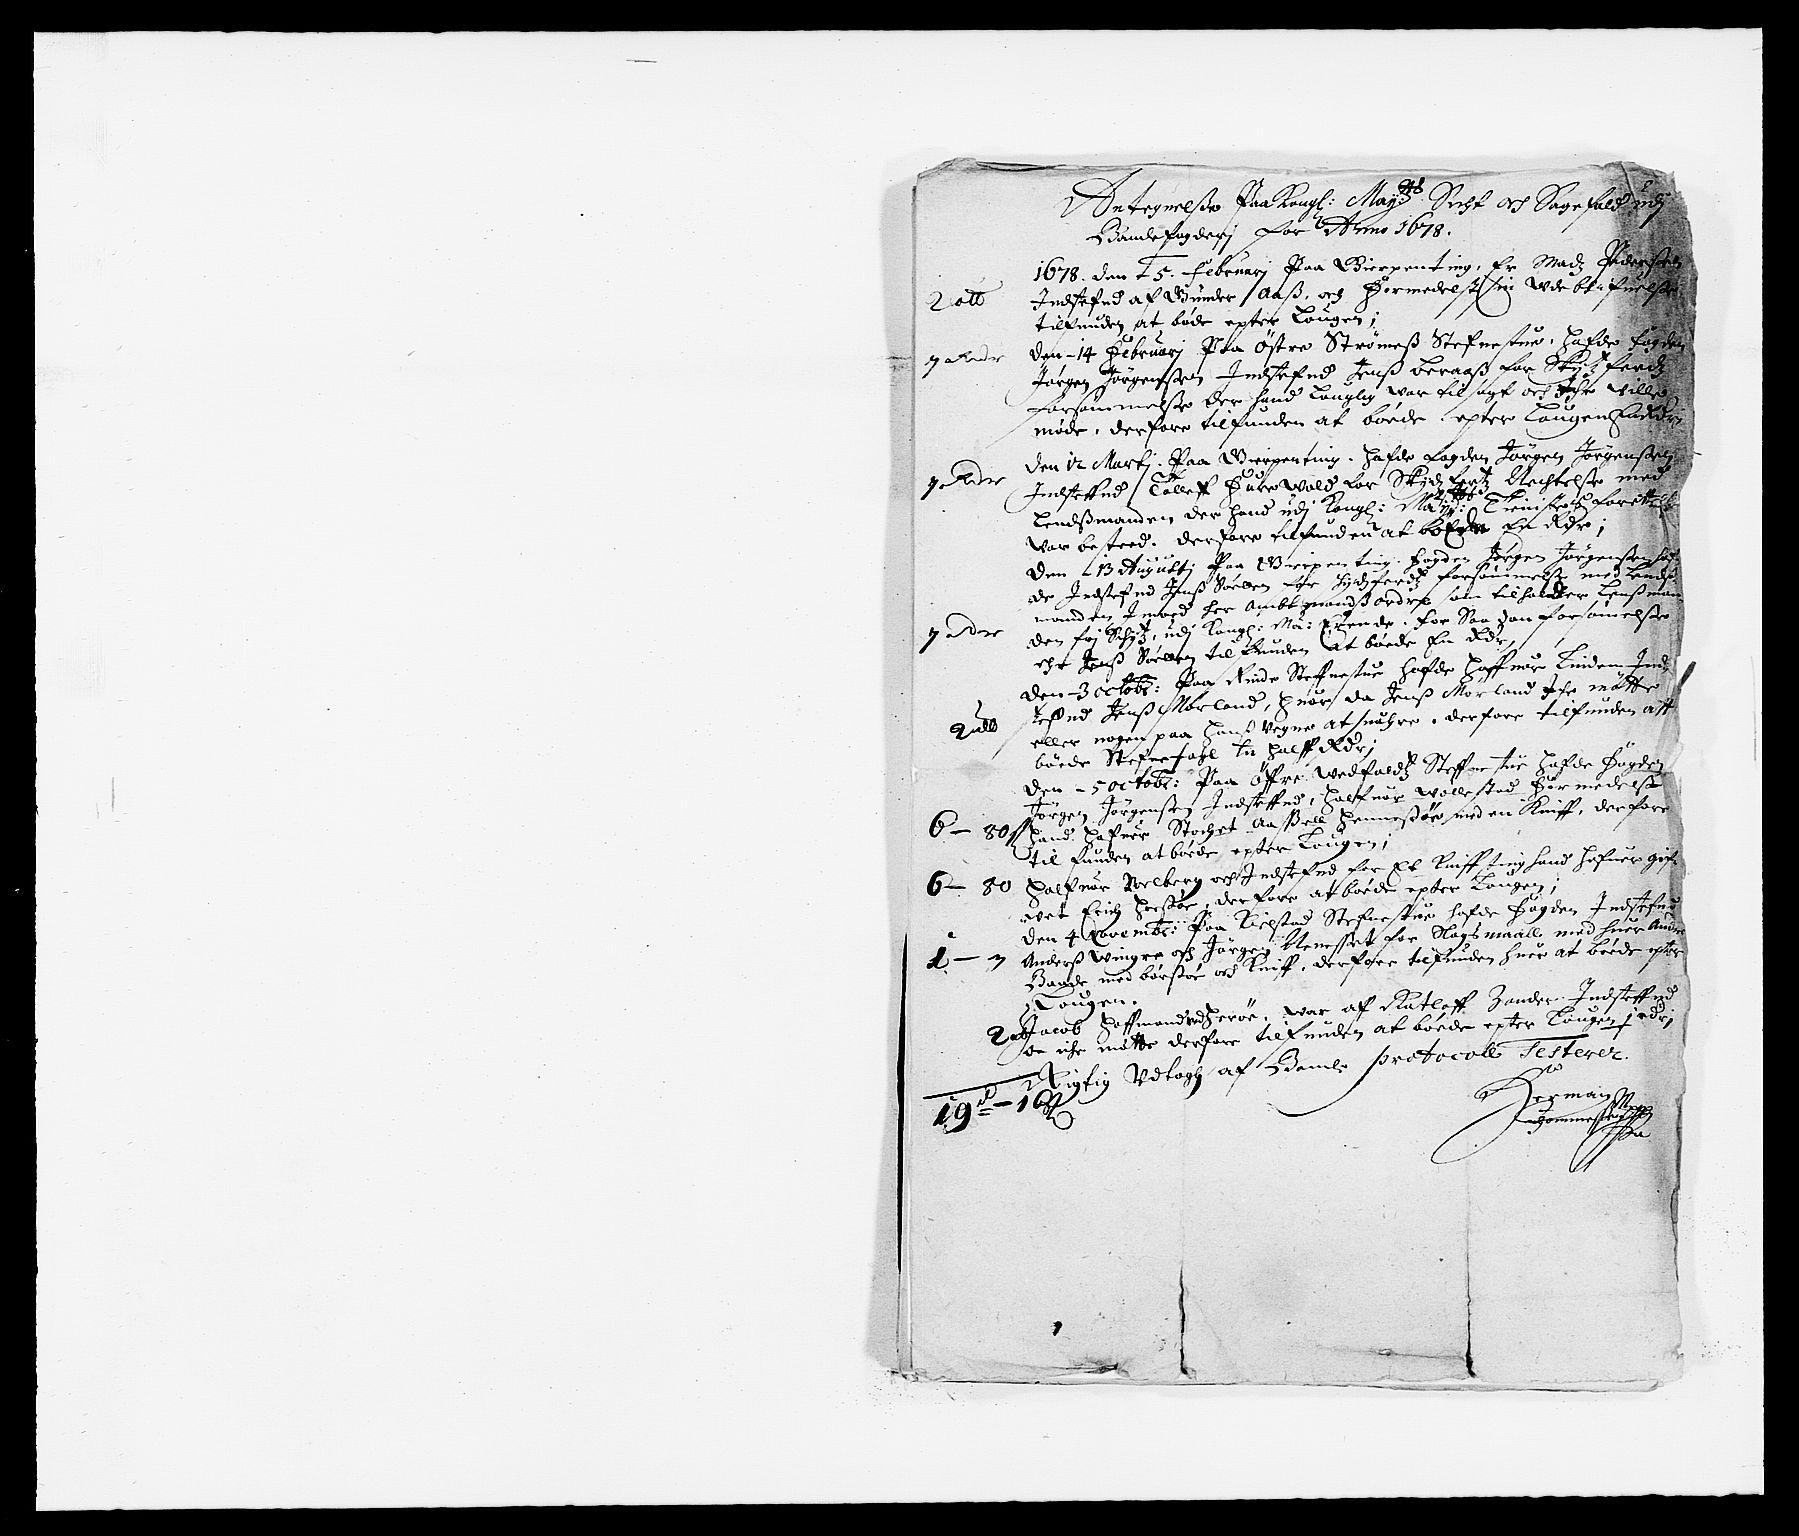 RA, Rentekammeret inntil 1814, Reviderte regnskaper, Fogderegnskap, R34/L2044: Fogderegnskap Bamble, 1678-1679, s. 219